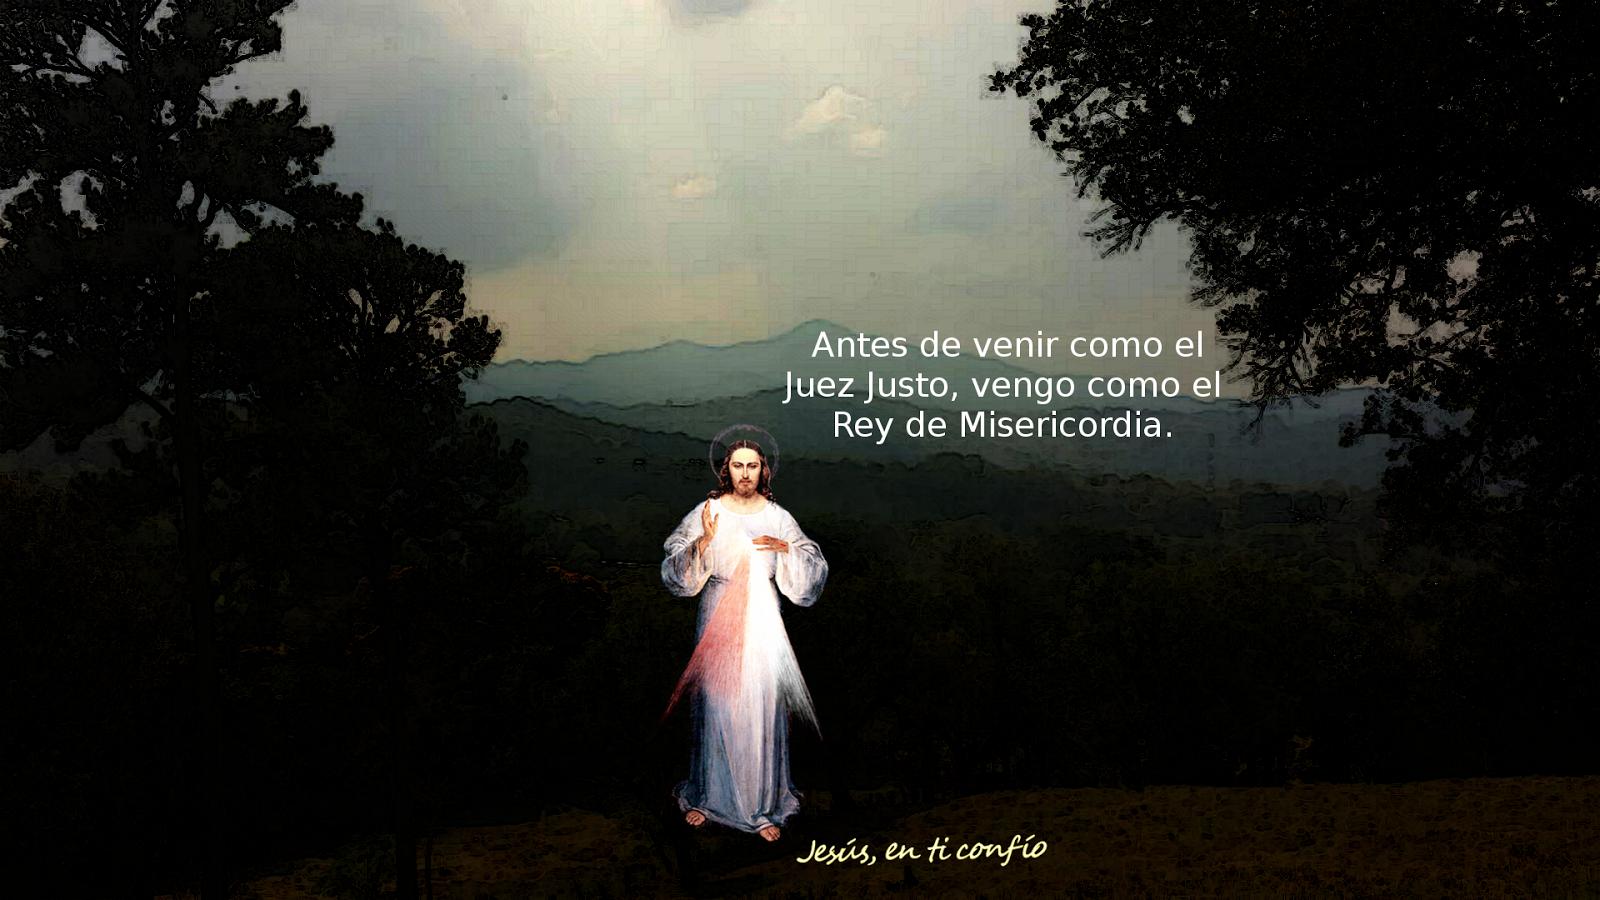 jesus con mensaje de misericordia